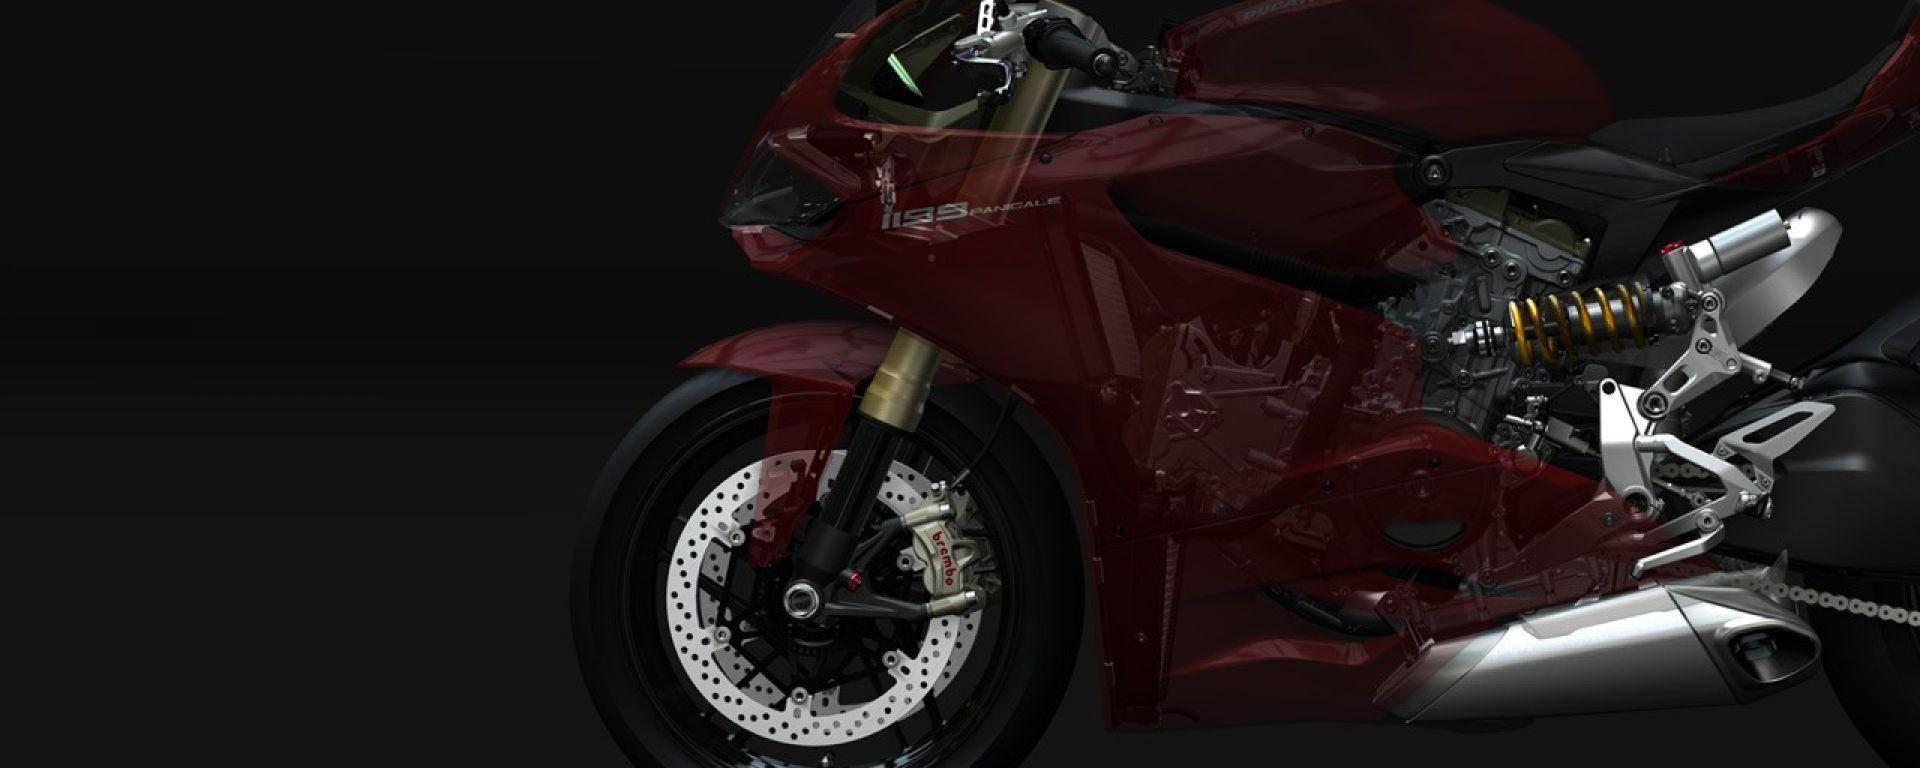 La Ducati 1199 Panigale in 60 nuove immagini